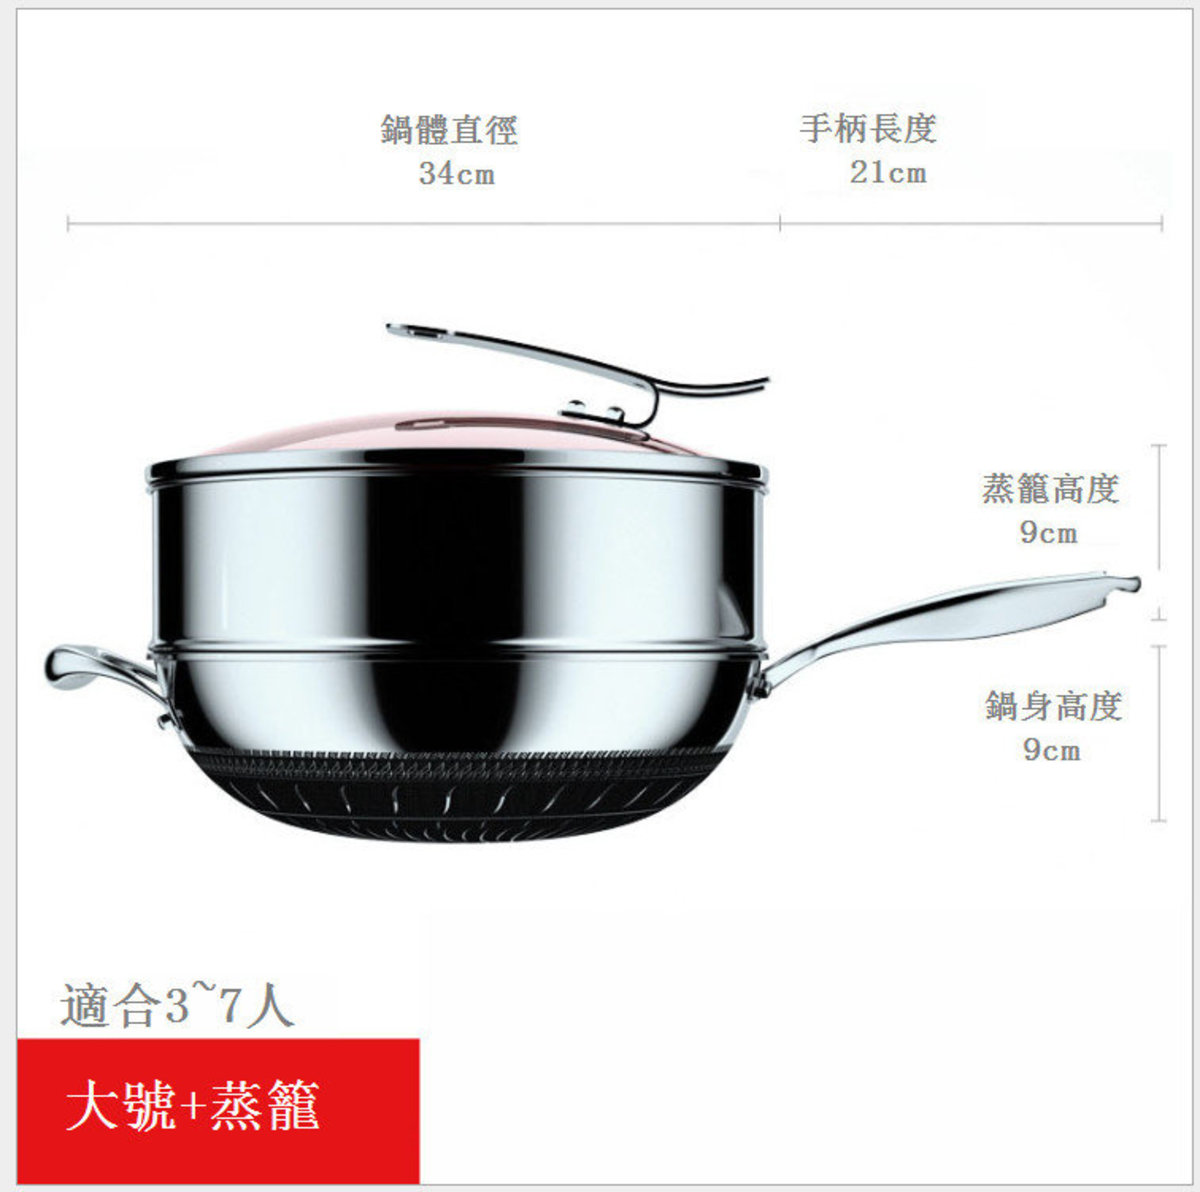 不銹鋼電磁爐煎鍋少油煙蜂窩(34cm炒鍋+蒸籠)